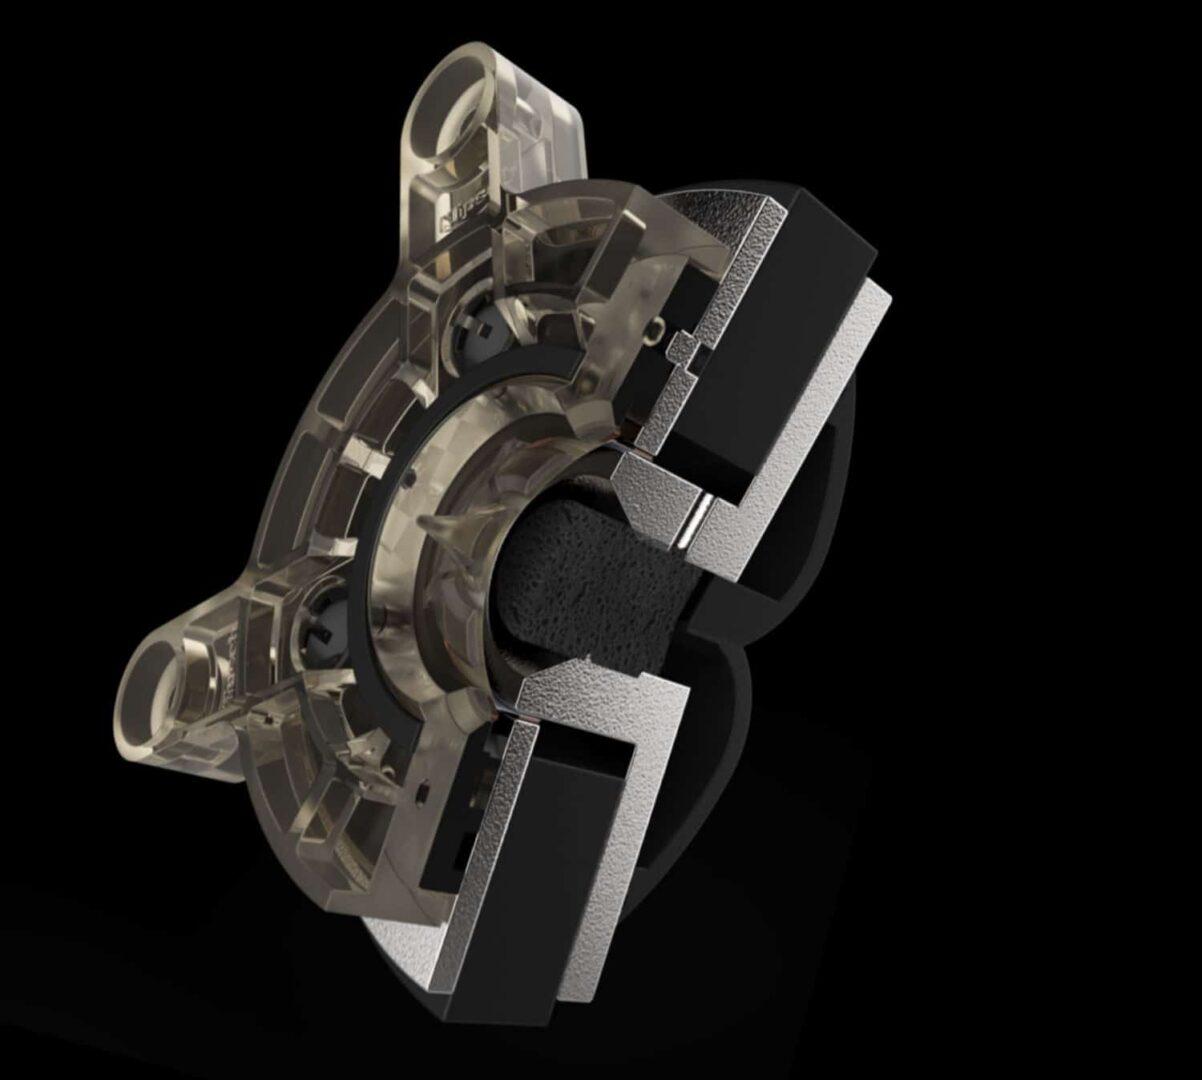 immagine del Tweeter ventilato in titanio con tecnologia LTS serie Reference Premiere